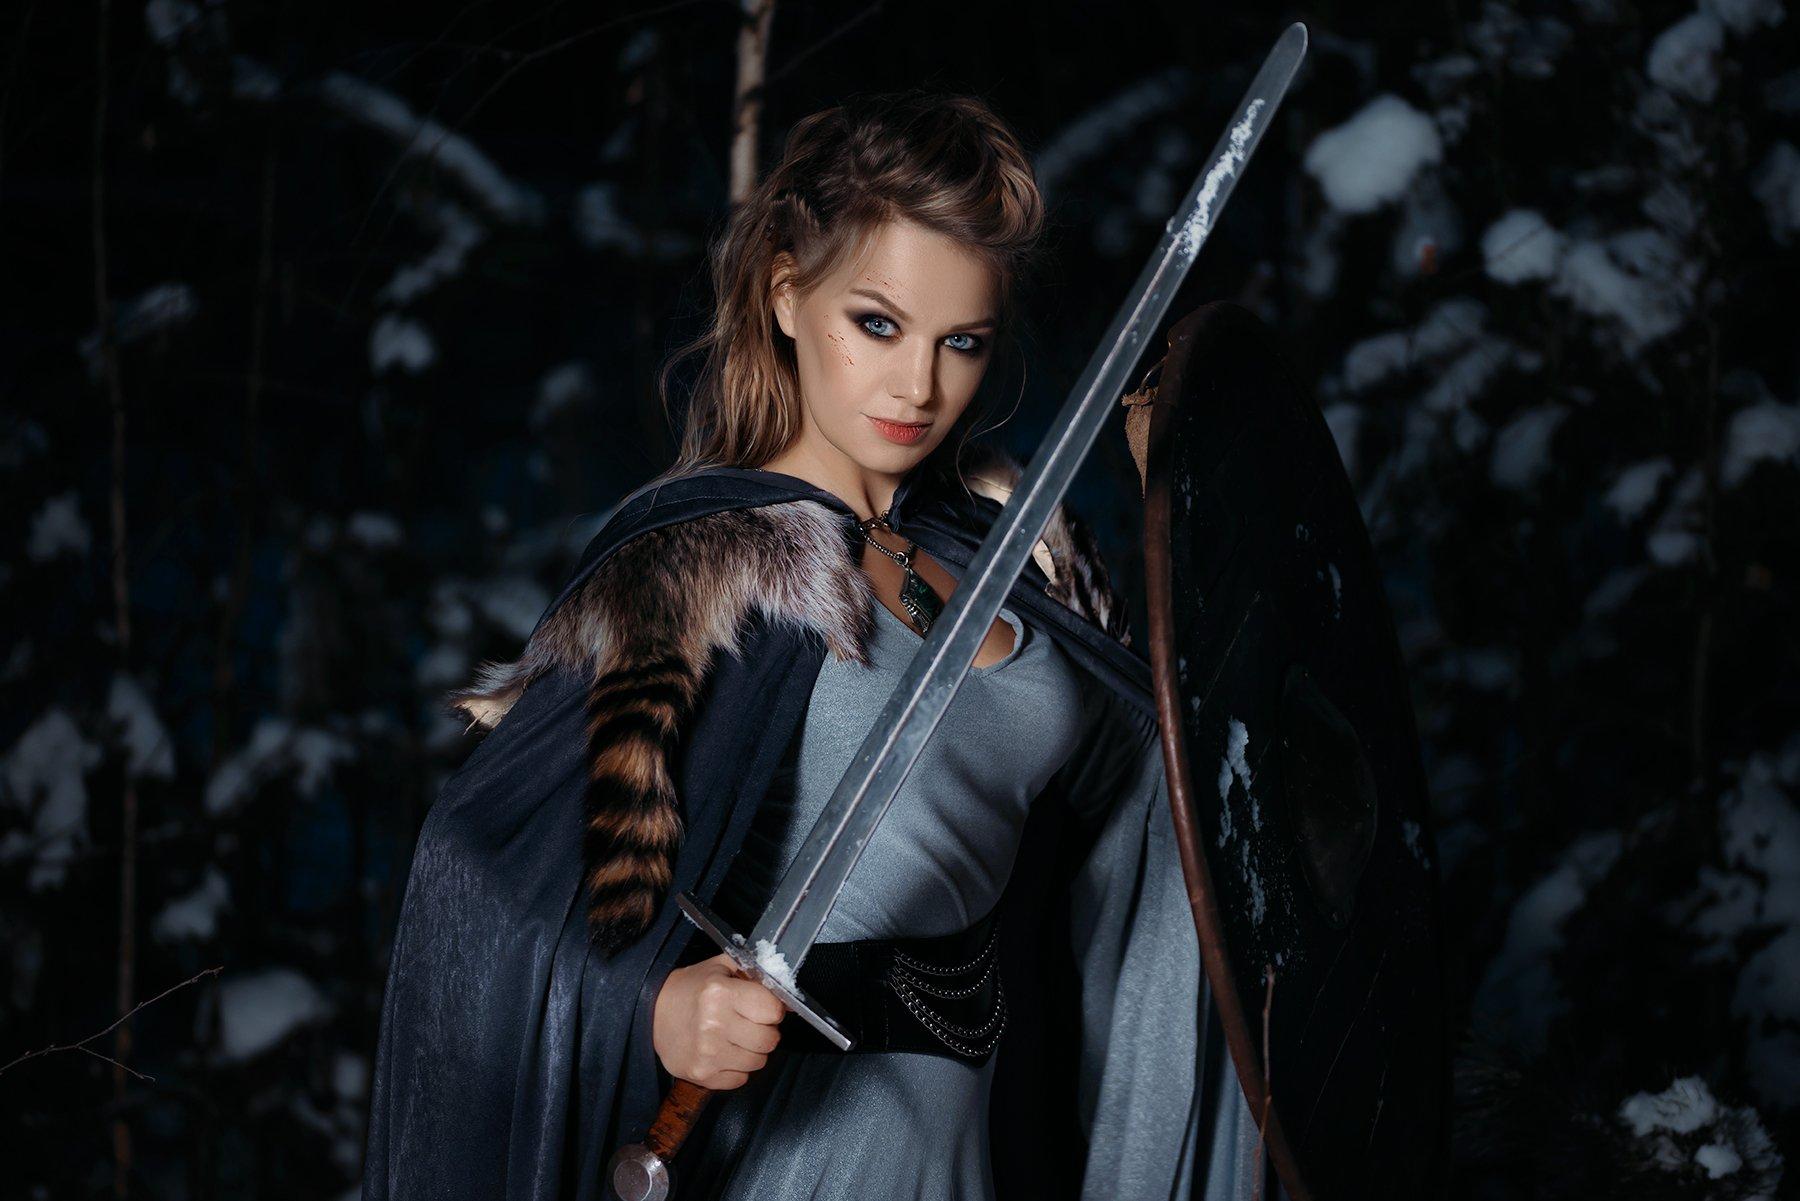 викинги, щит, меч, девушка, платье, портрет, 2016, зима, лес, скандинавия, Новицкий Илья